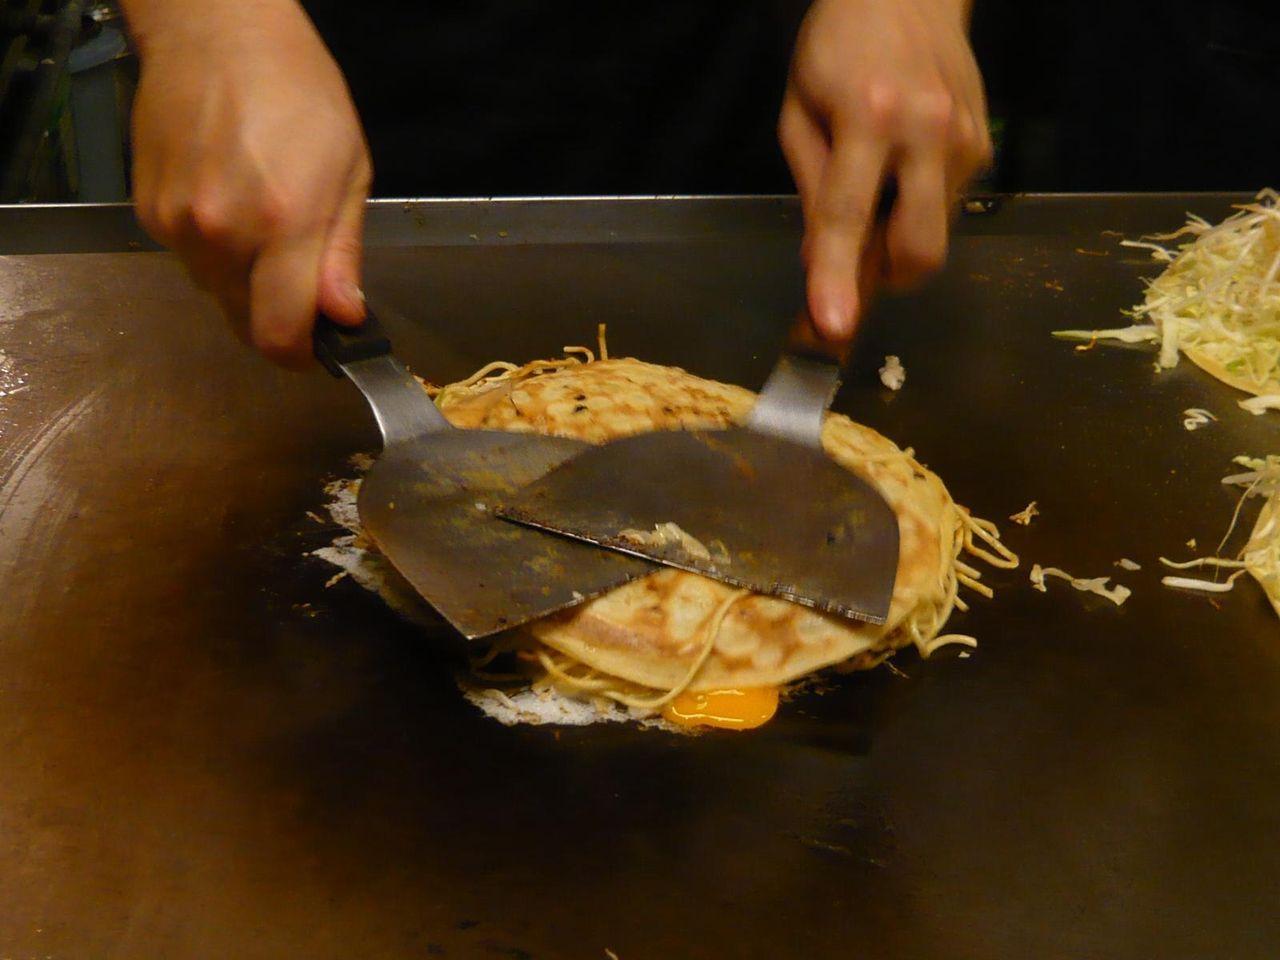 中華麺、卵と合体!・・・ヘラで圧縮して出来上がり!